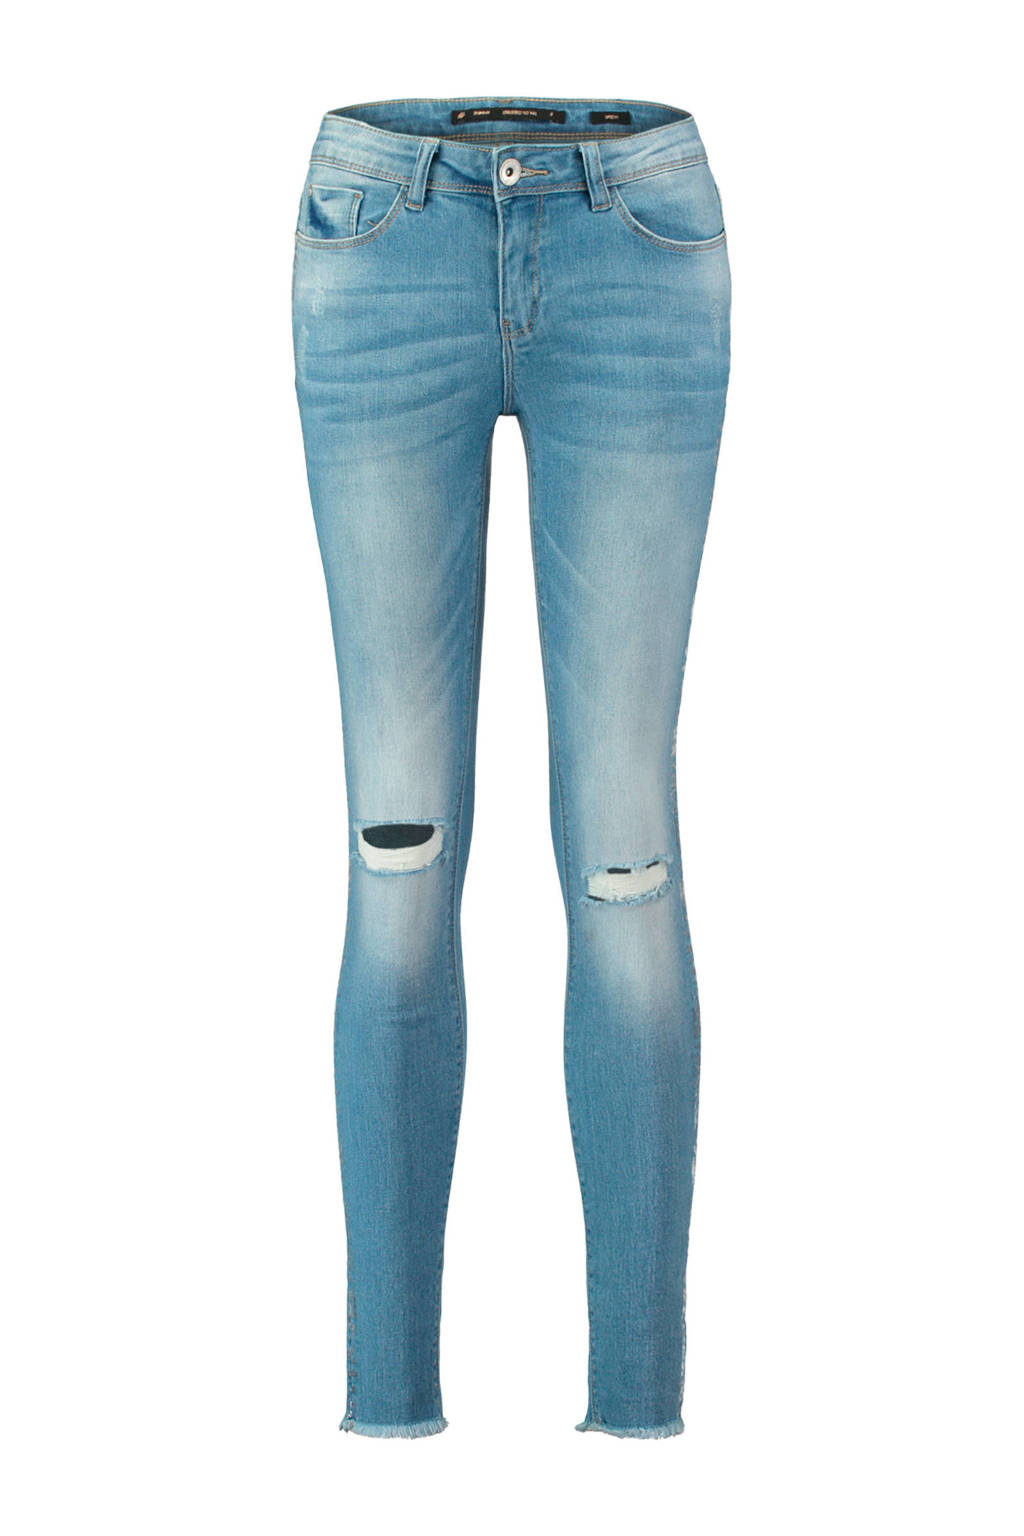 CoolCat skinny jeans met slijtage details, Stonewashed